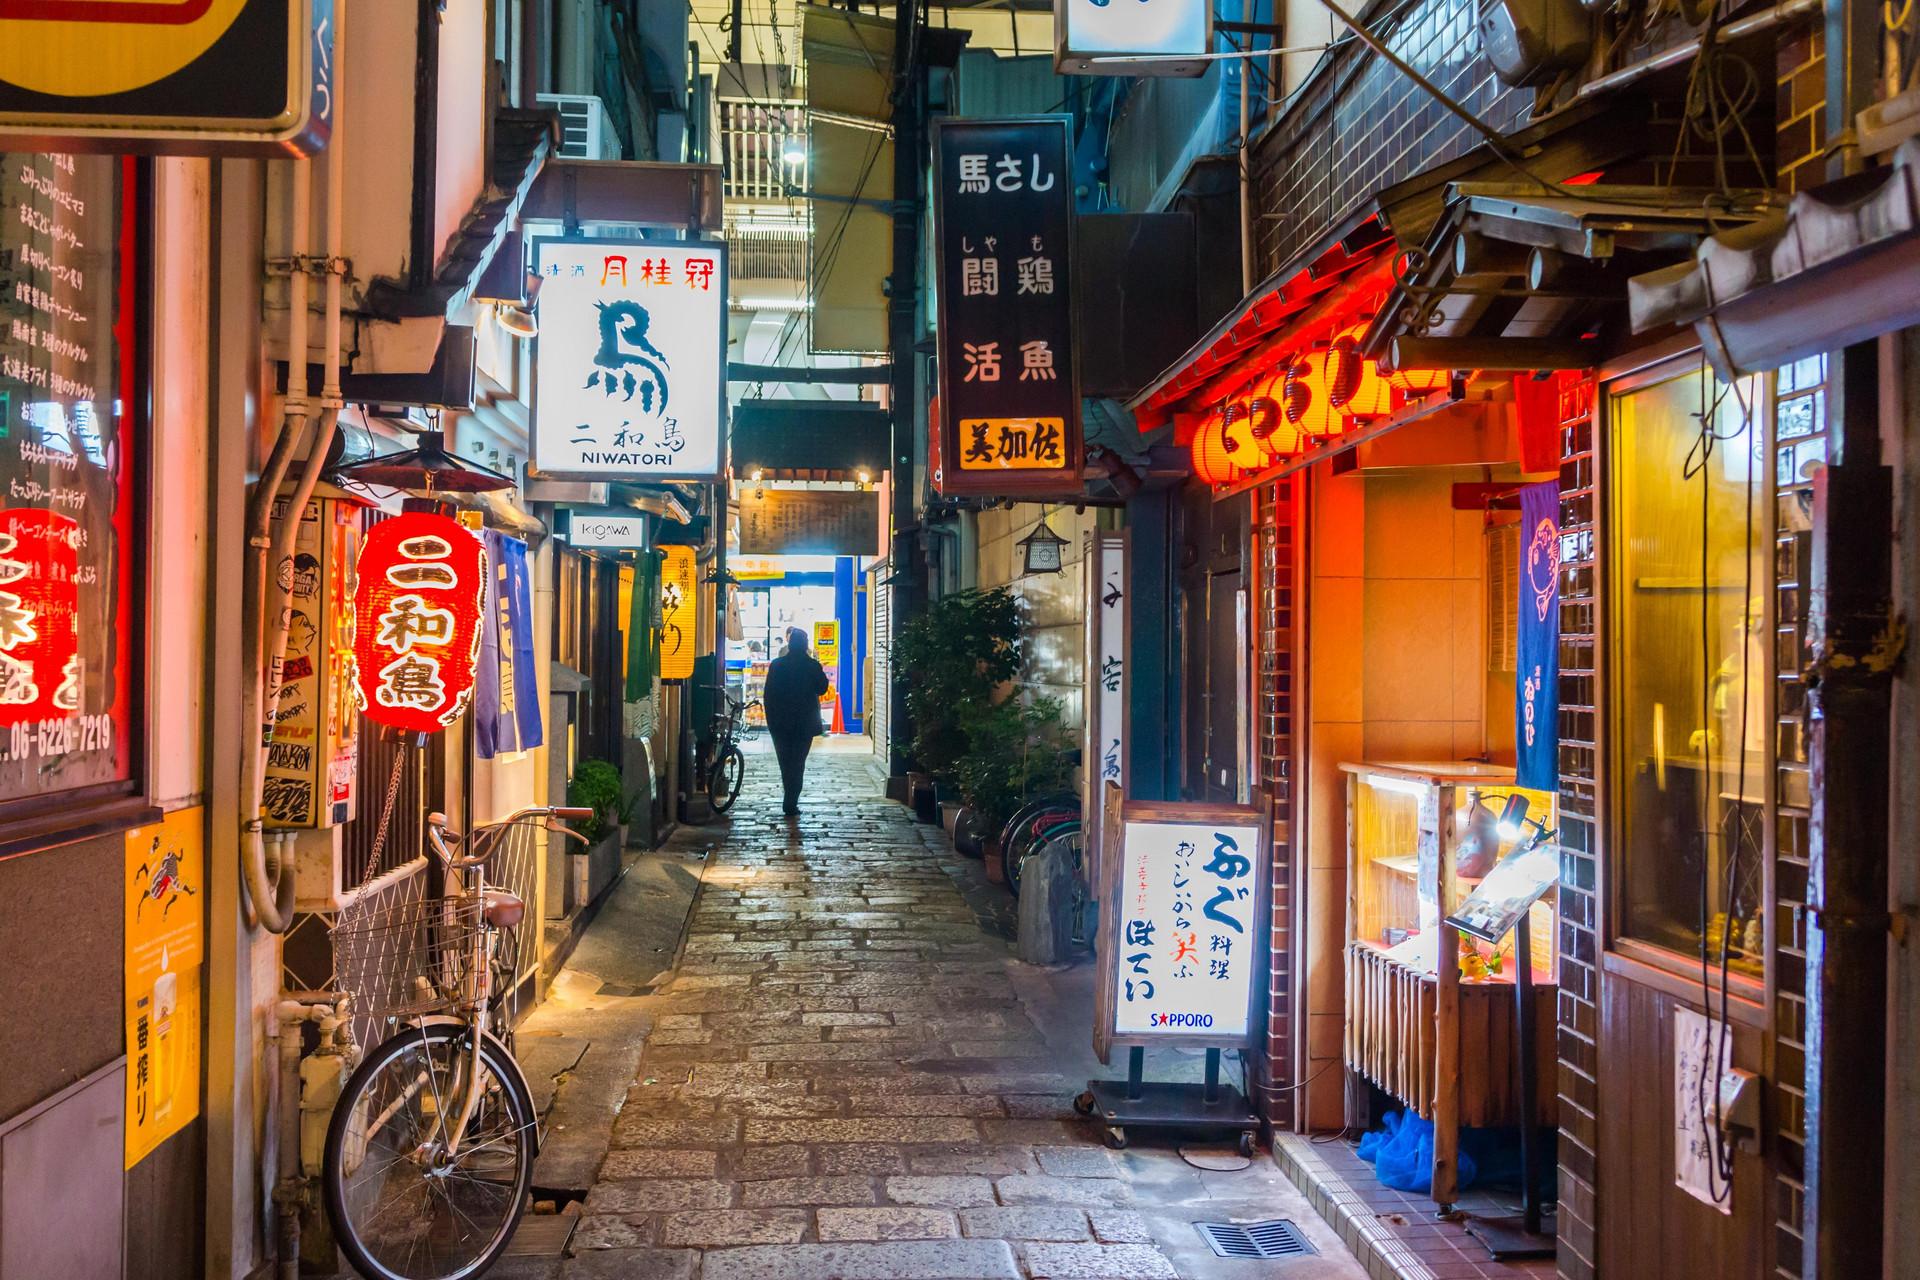 生育率崩溃?日本今年新生人口或跌破90万